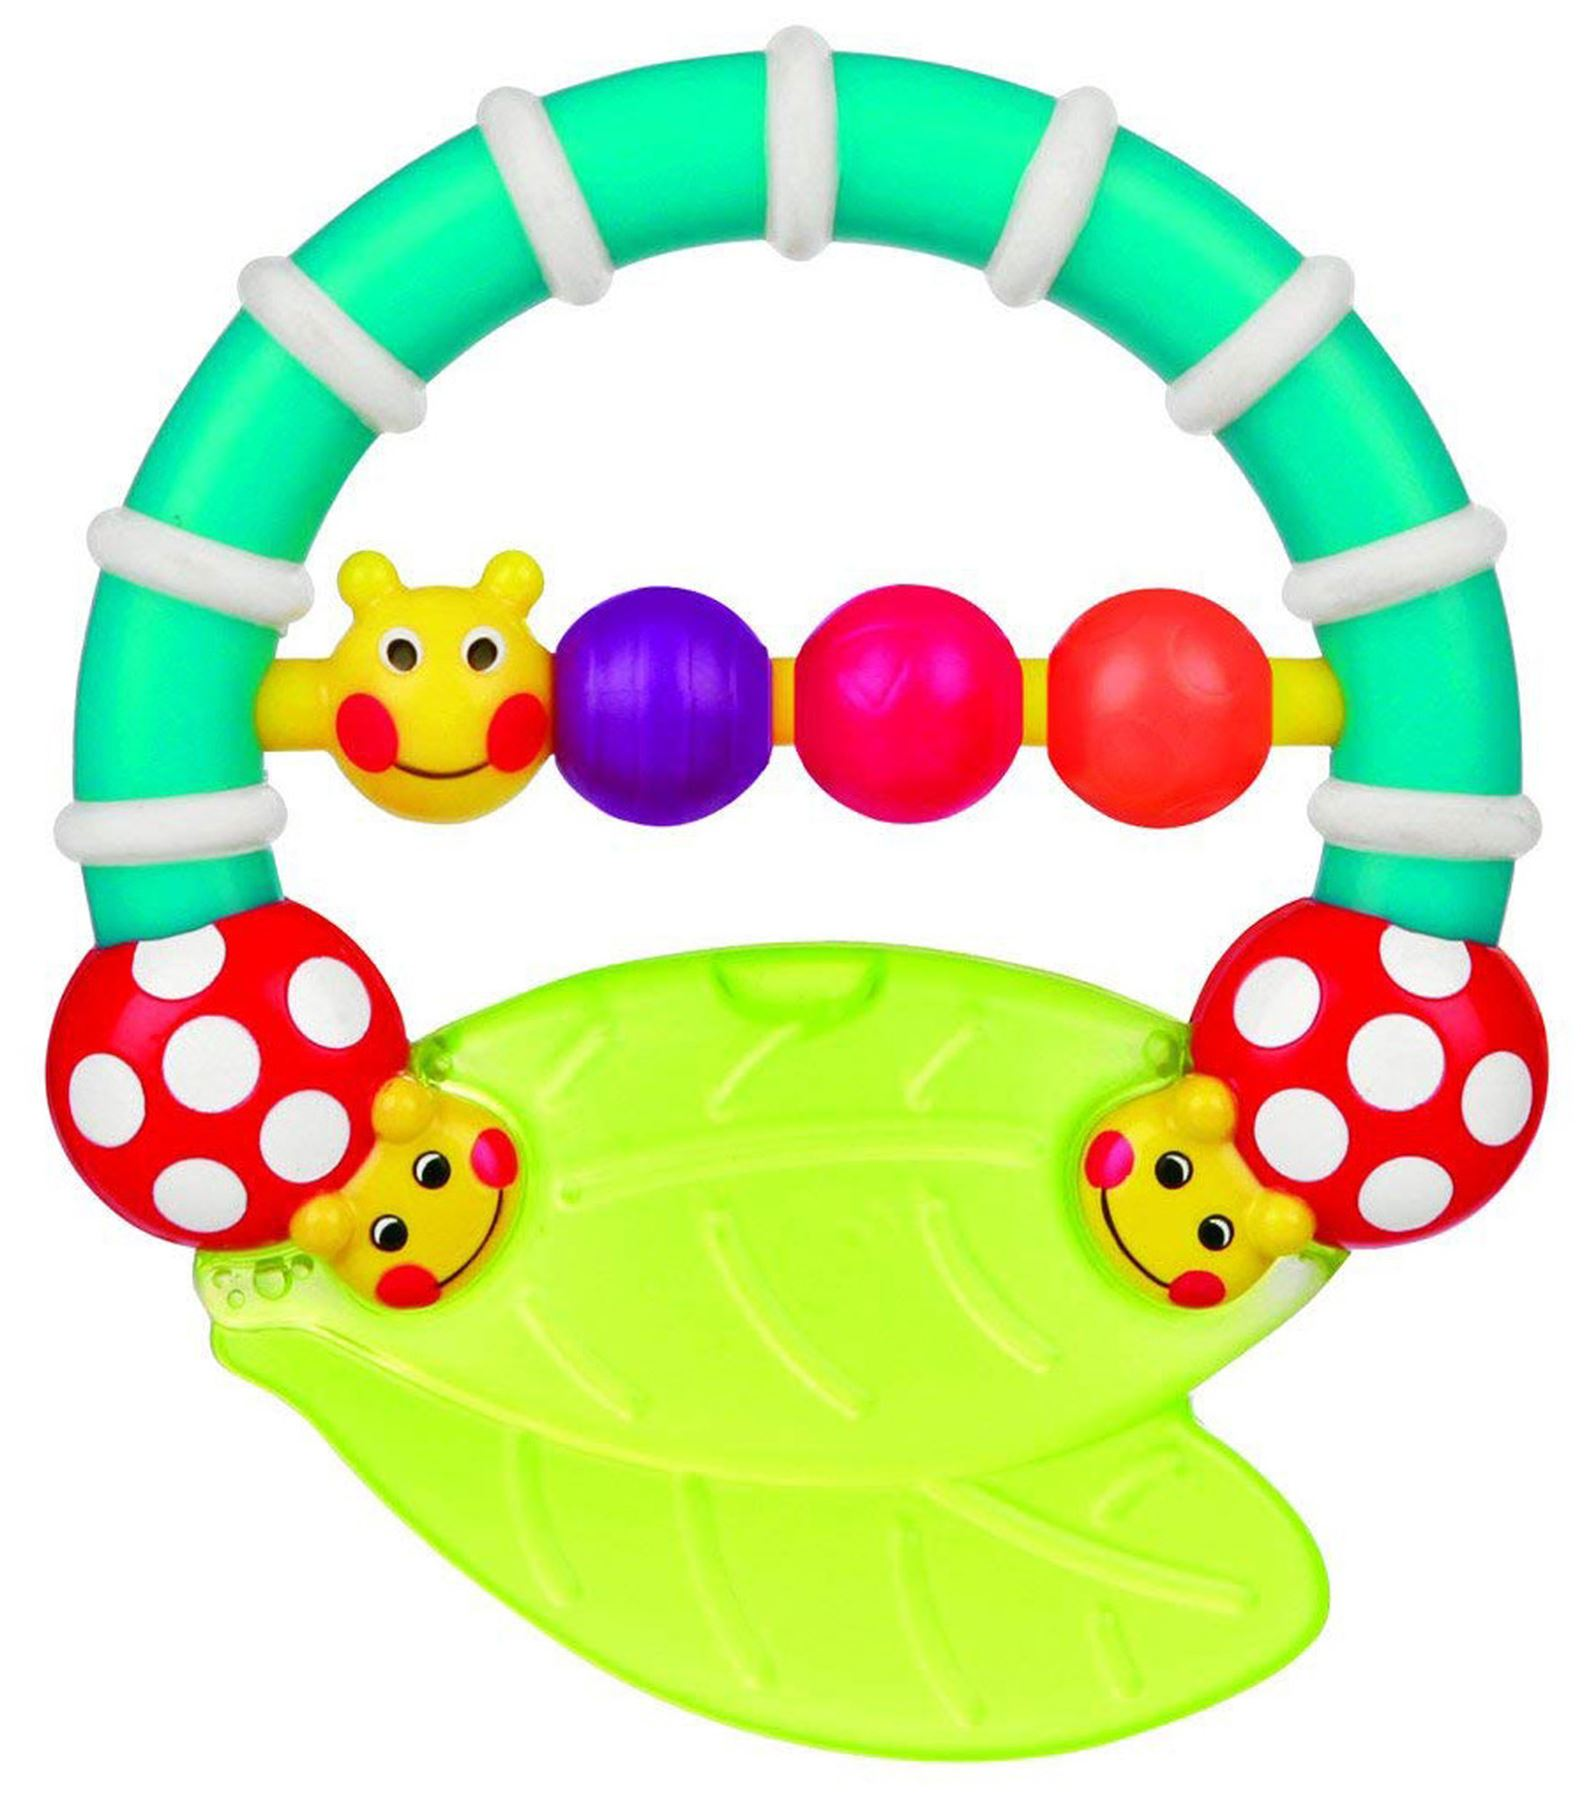 Amichevole Sassy Caterpillar Teether Baby Giocattolo Sonaglio Bn-mostra Il Titolo Originale